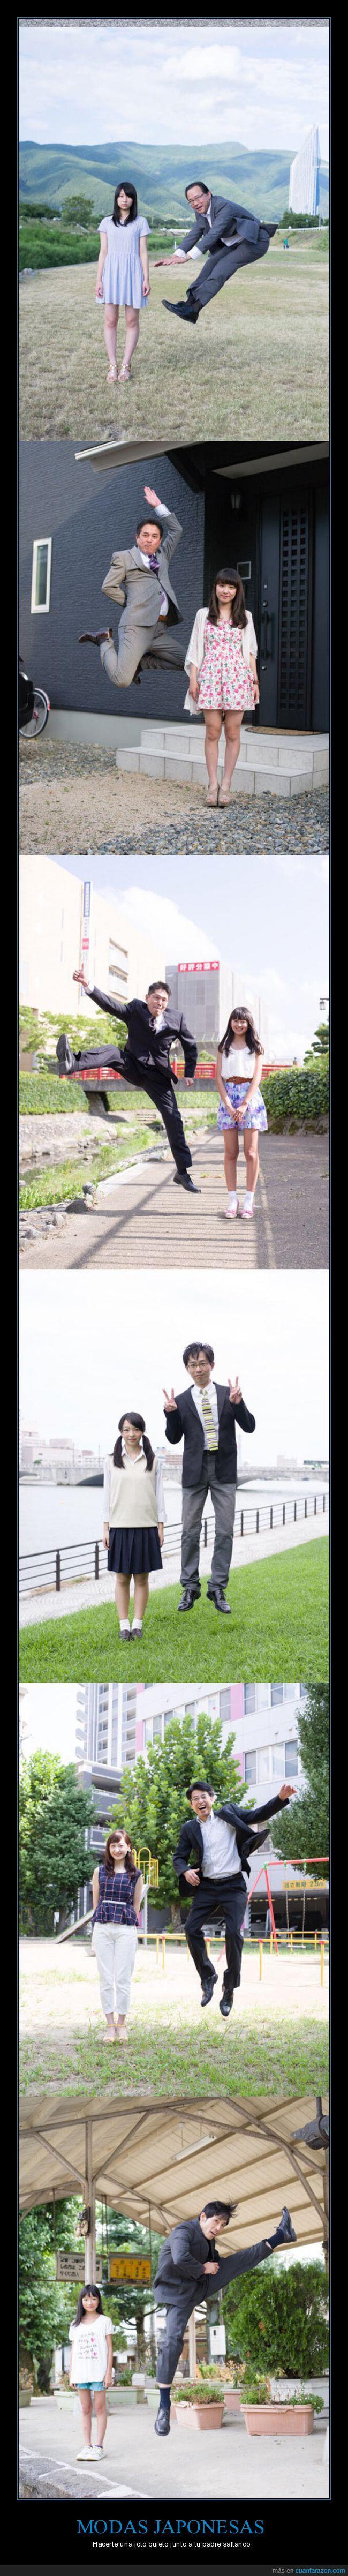 hijas,japon,padres,saltar,salto